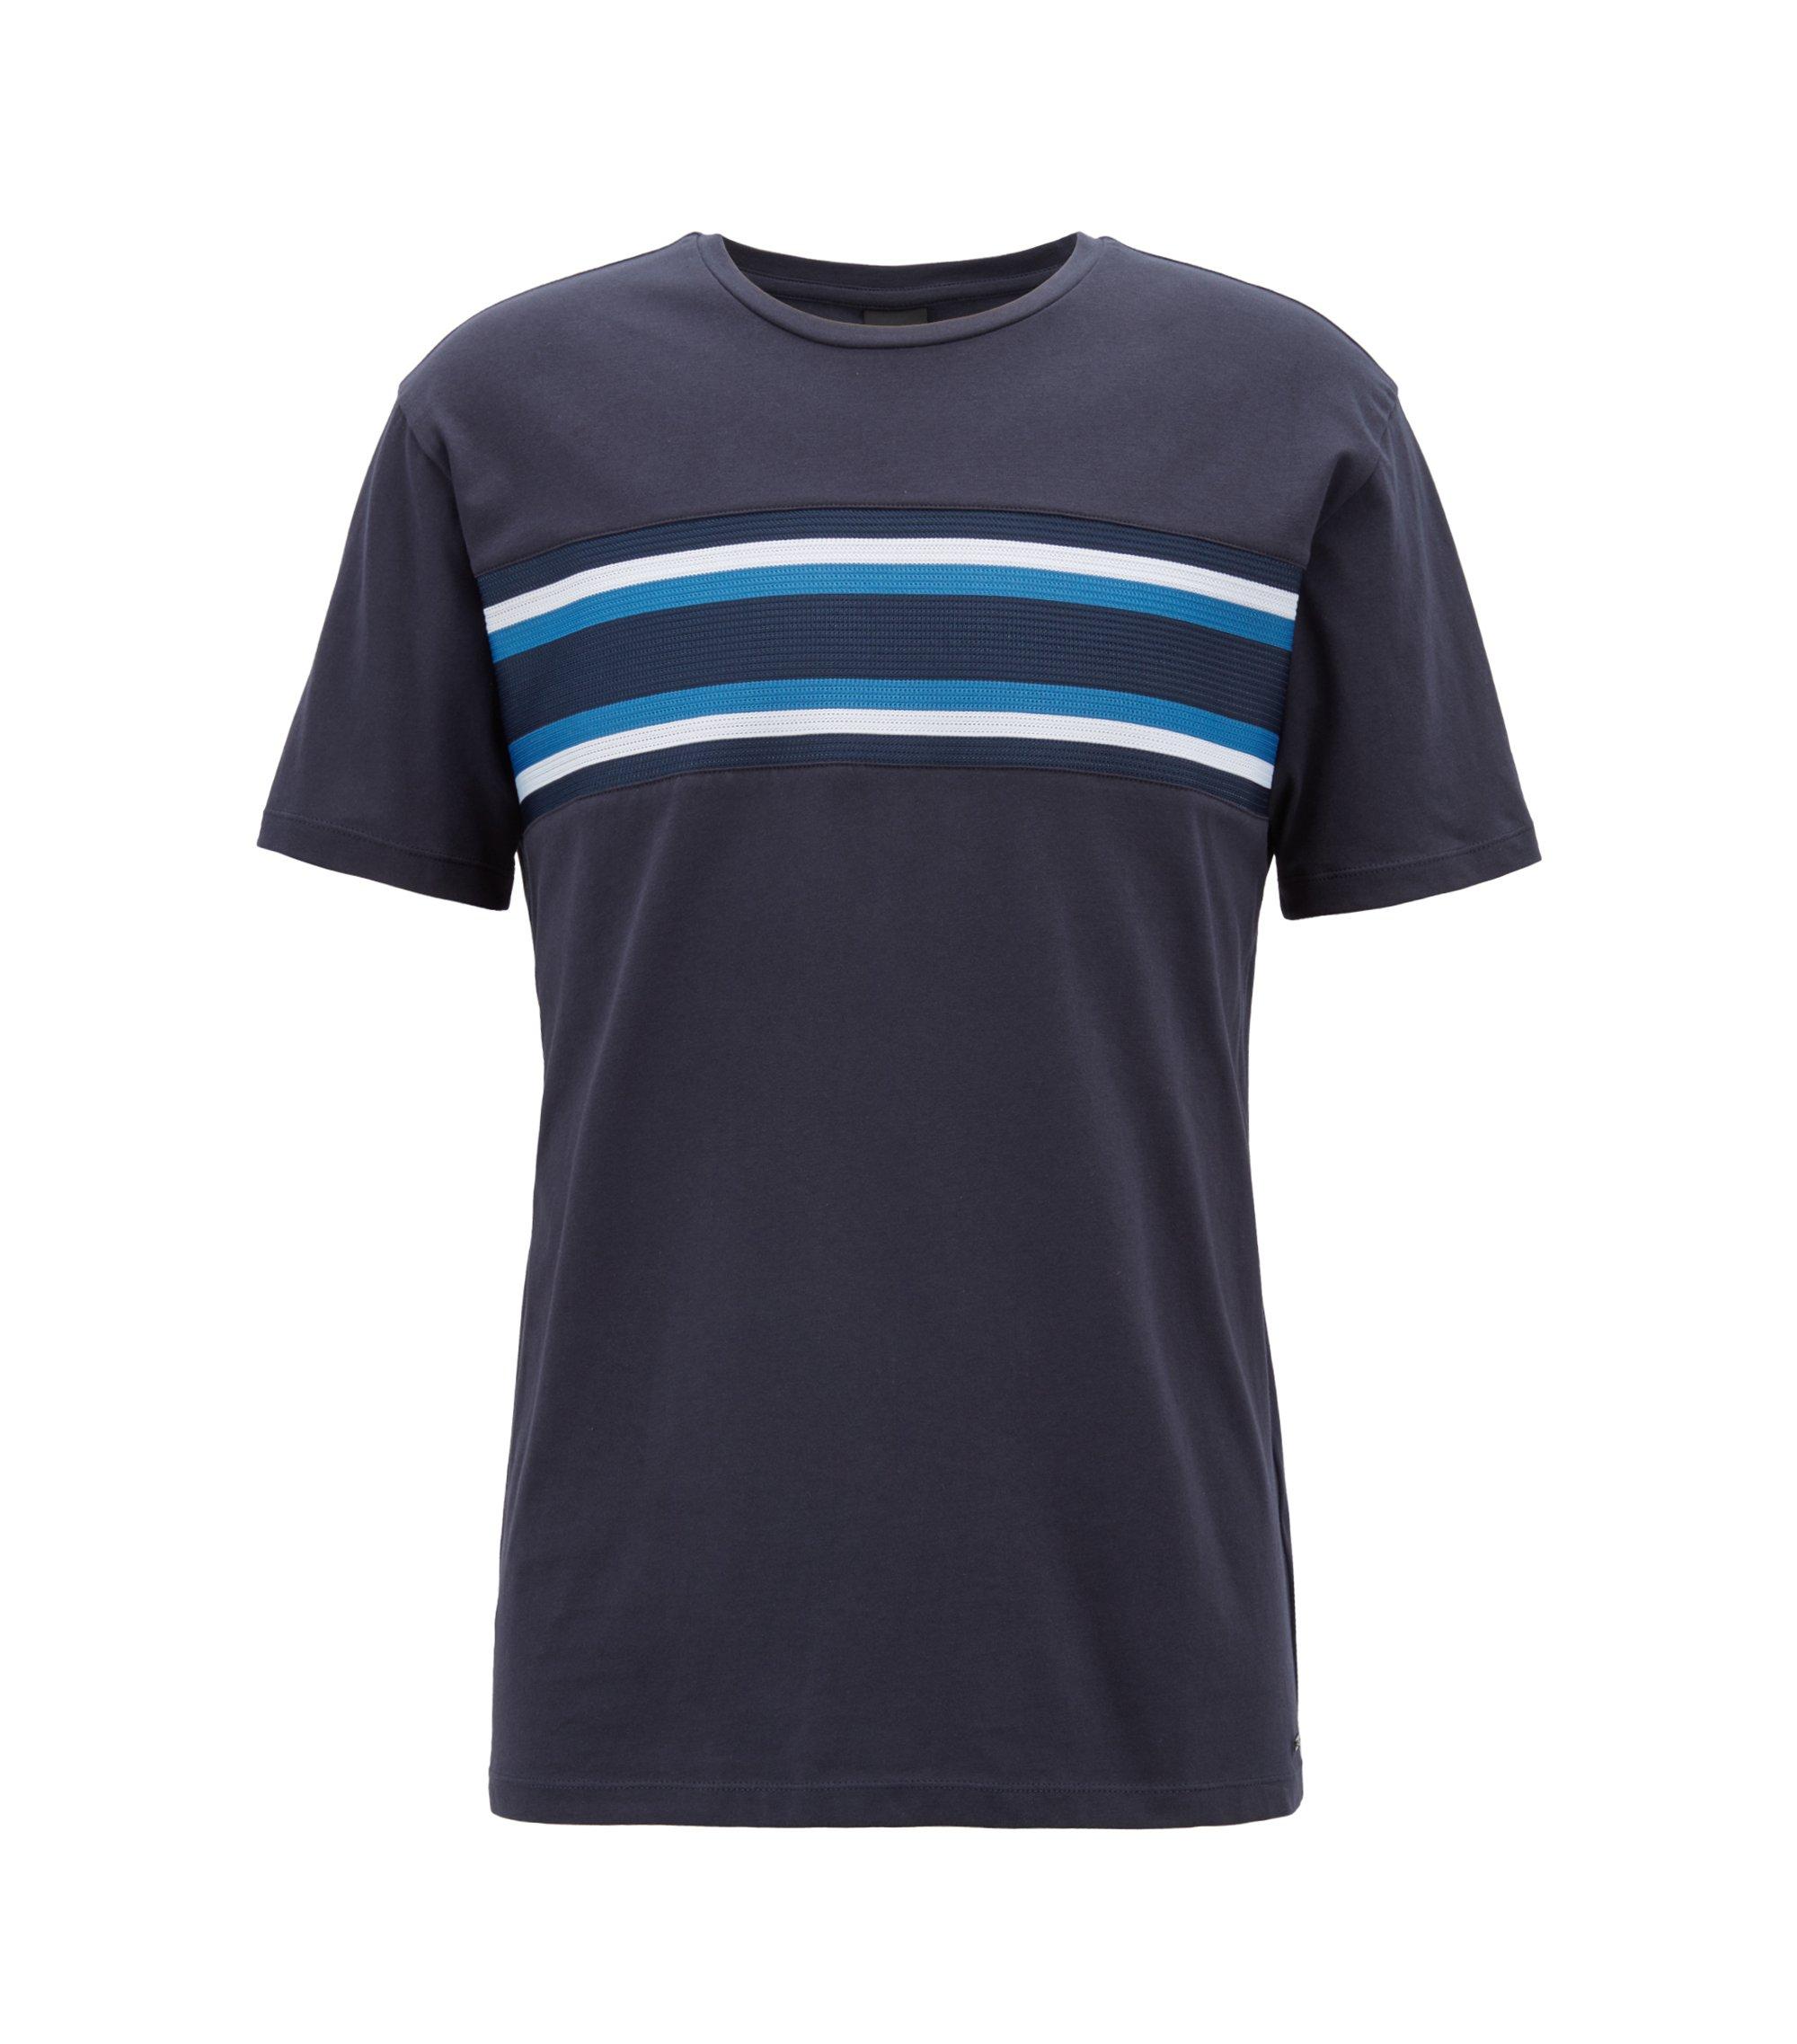 T-shirt Relaxed Fit en coton orné d'une bande en maille, Bleu